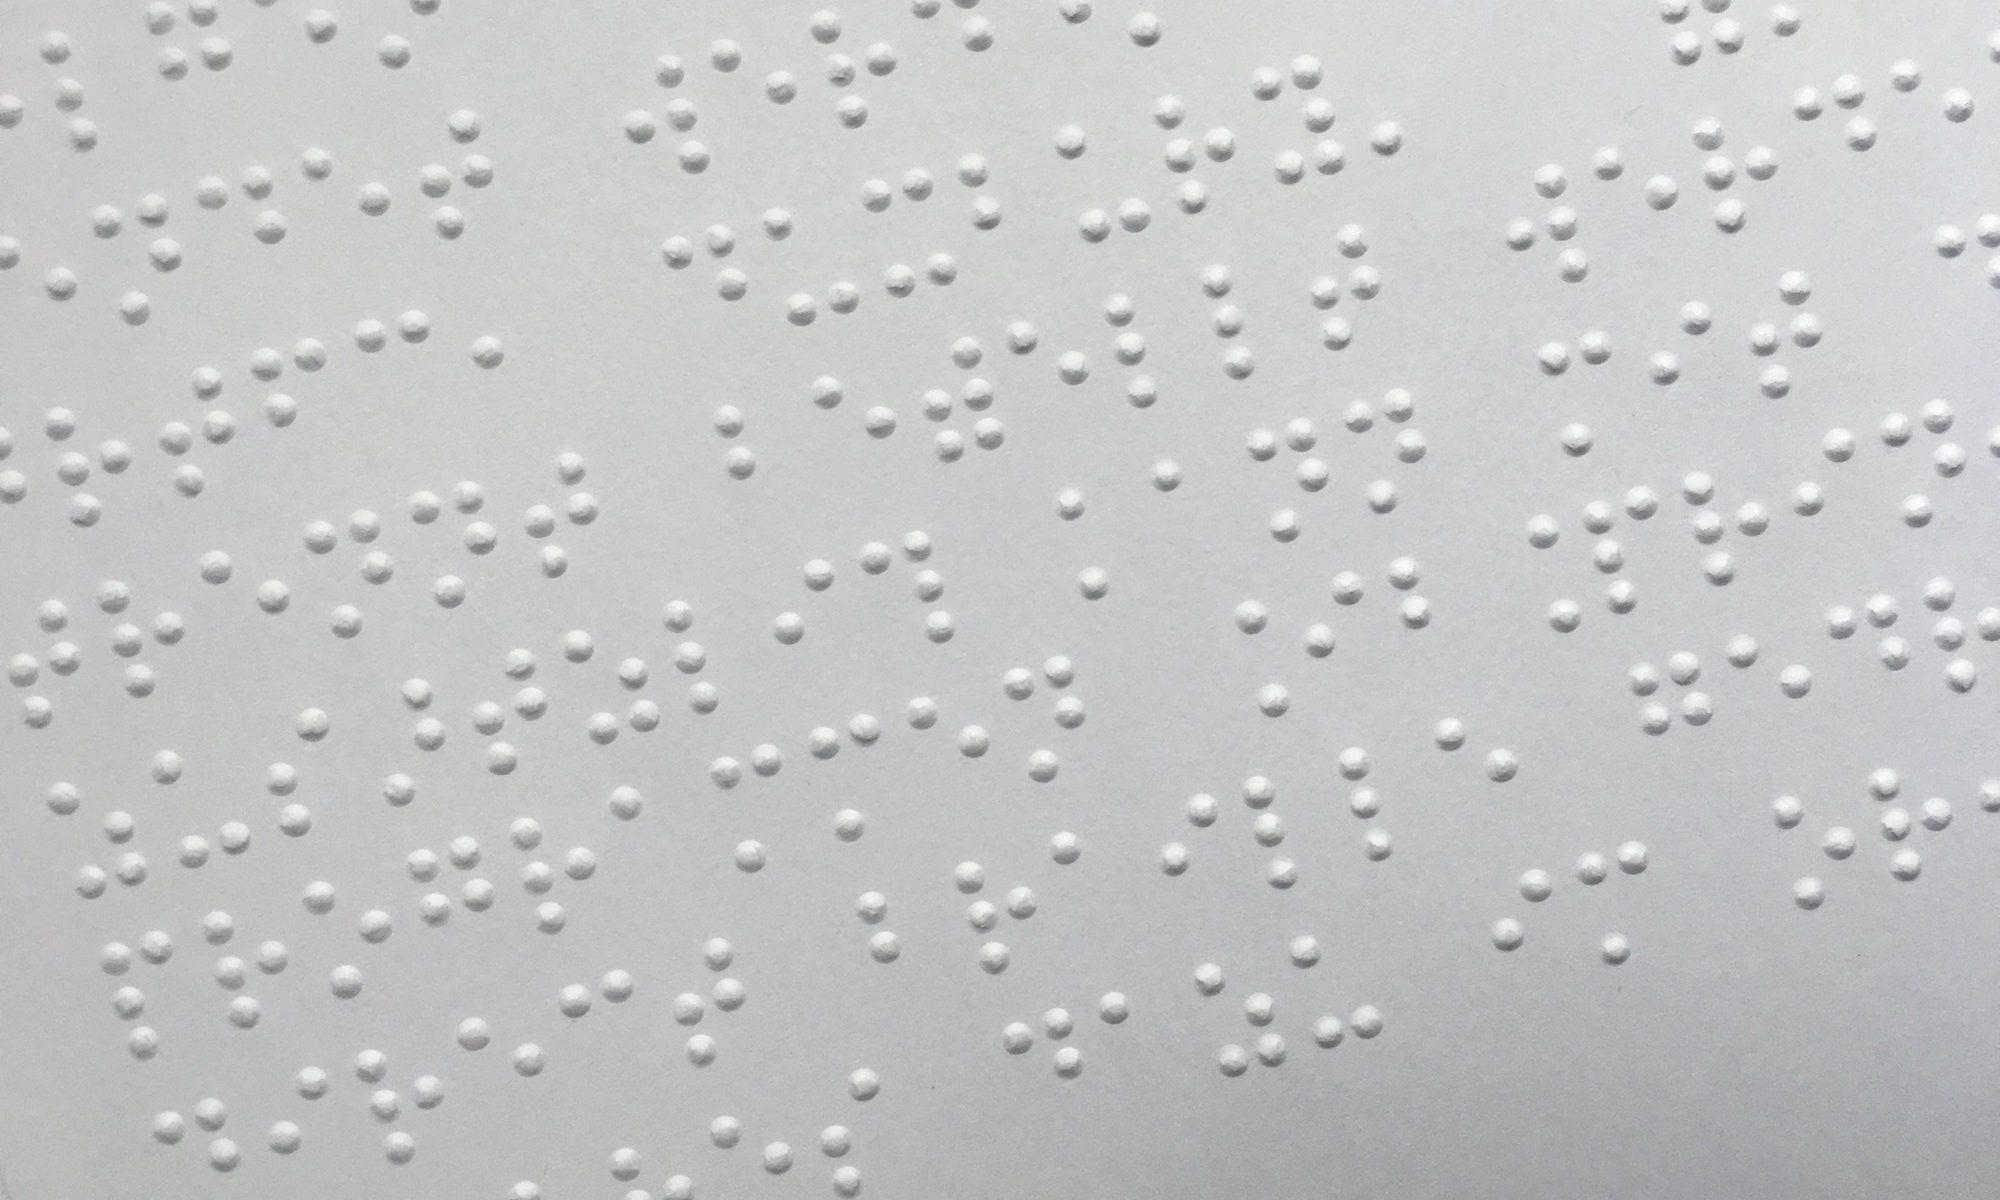 Punktschrift im Detail